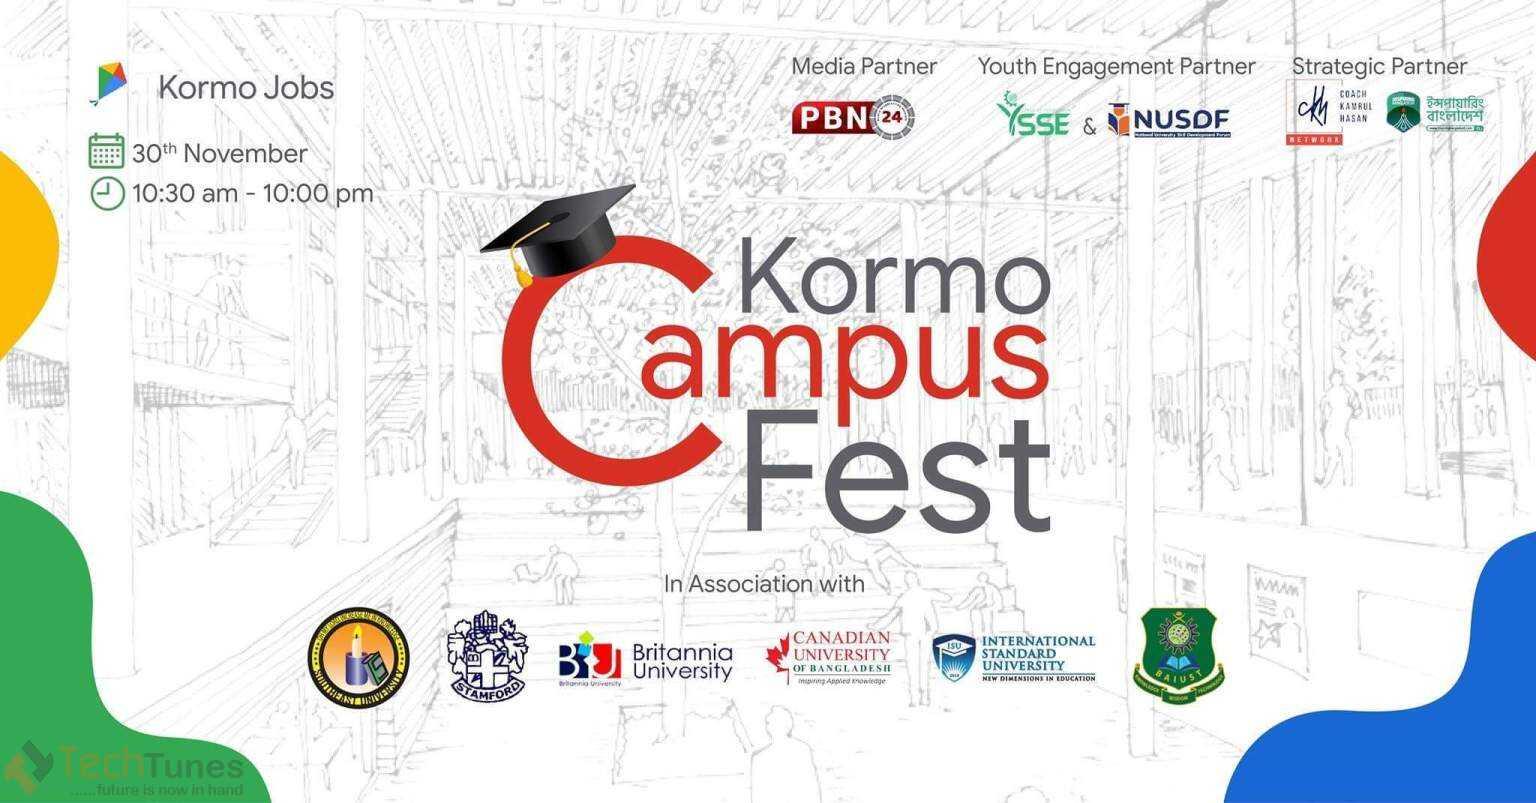 kormo_campus_fest-7621d5c8